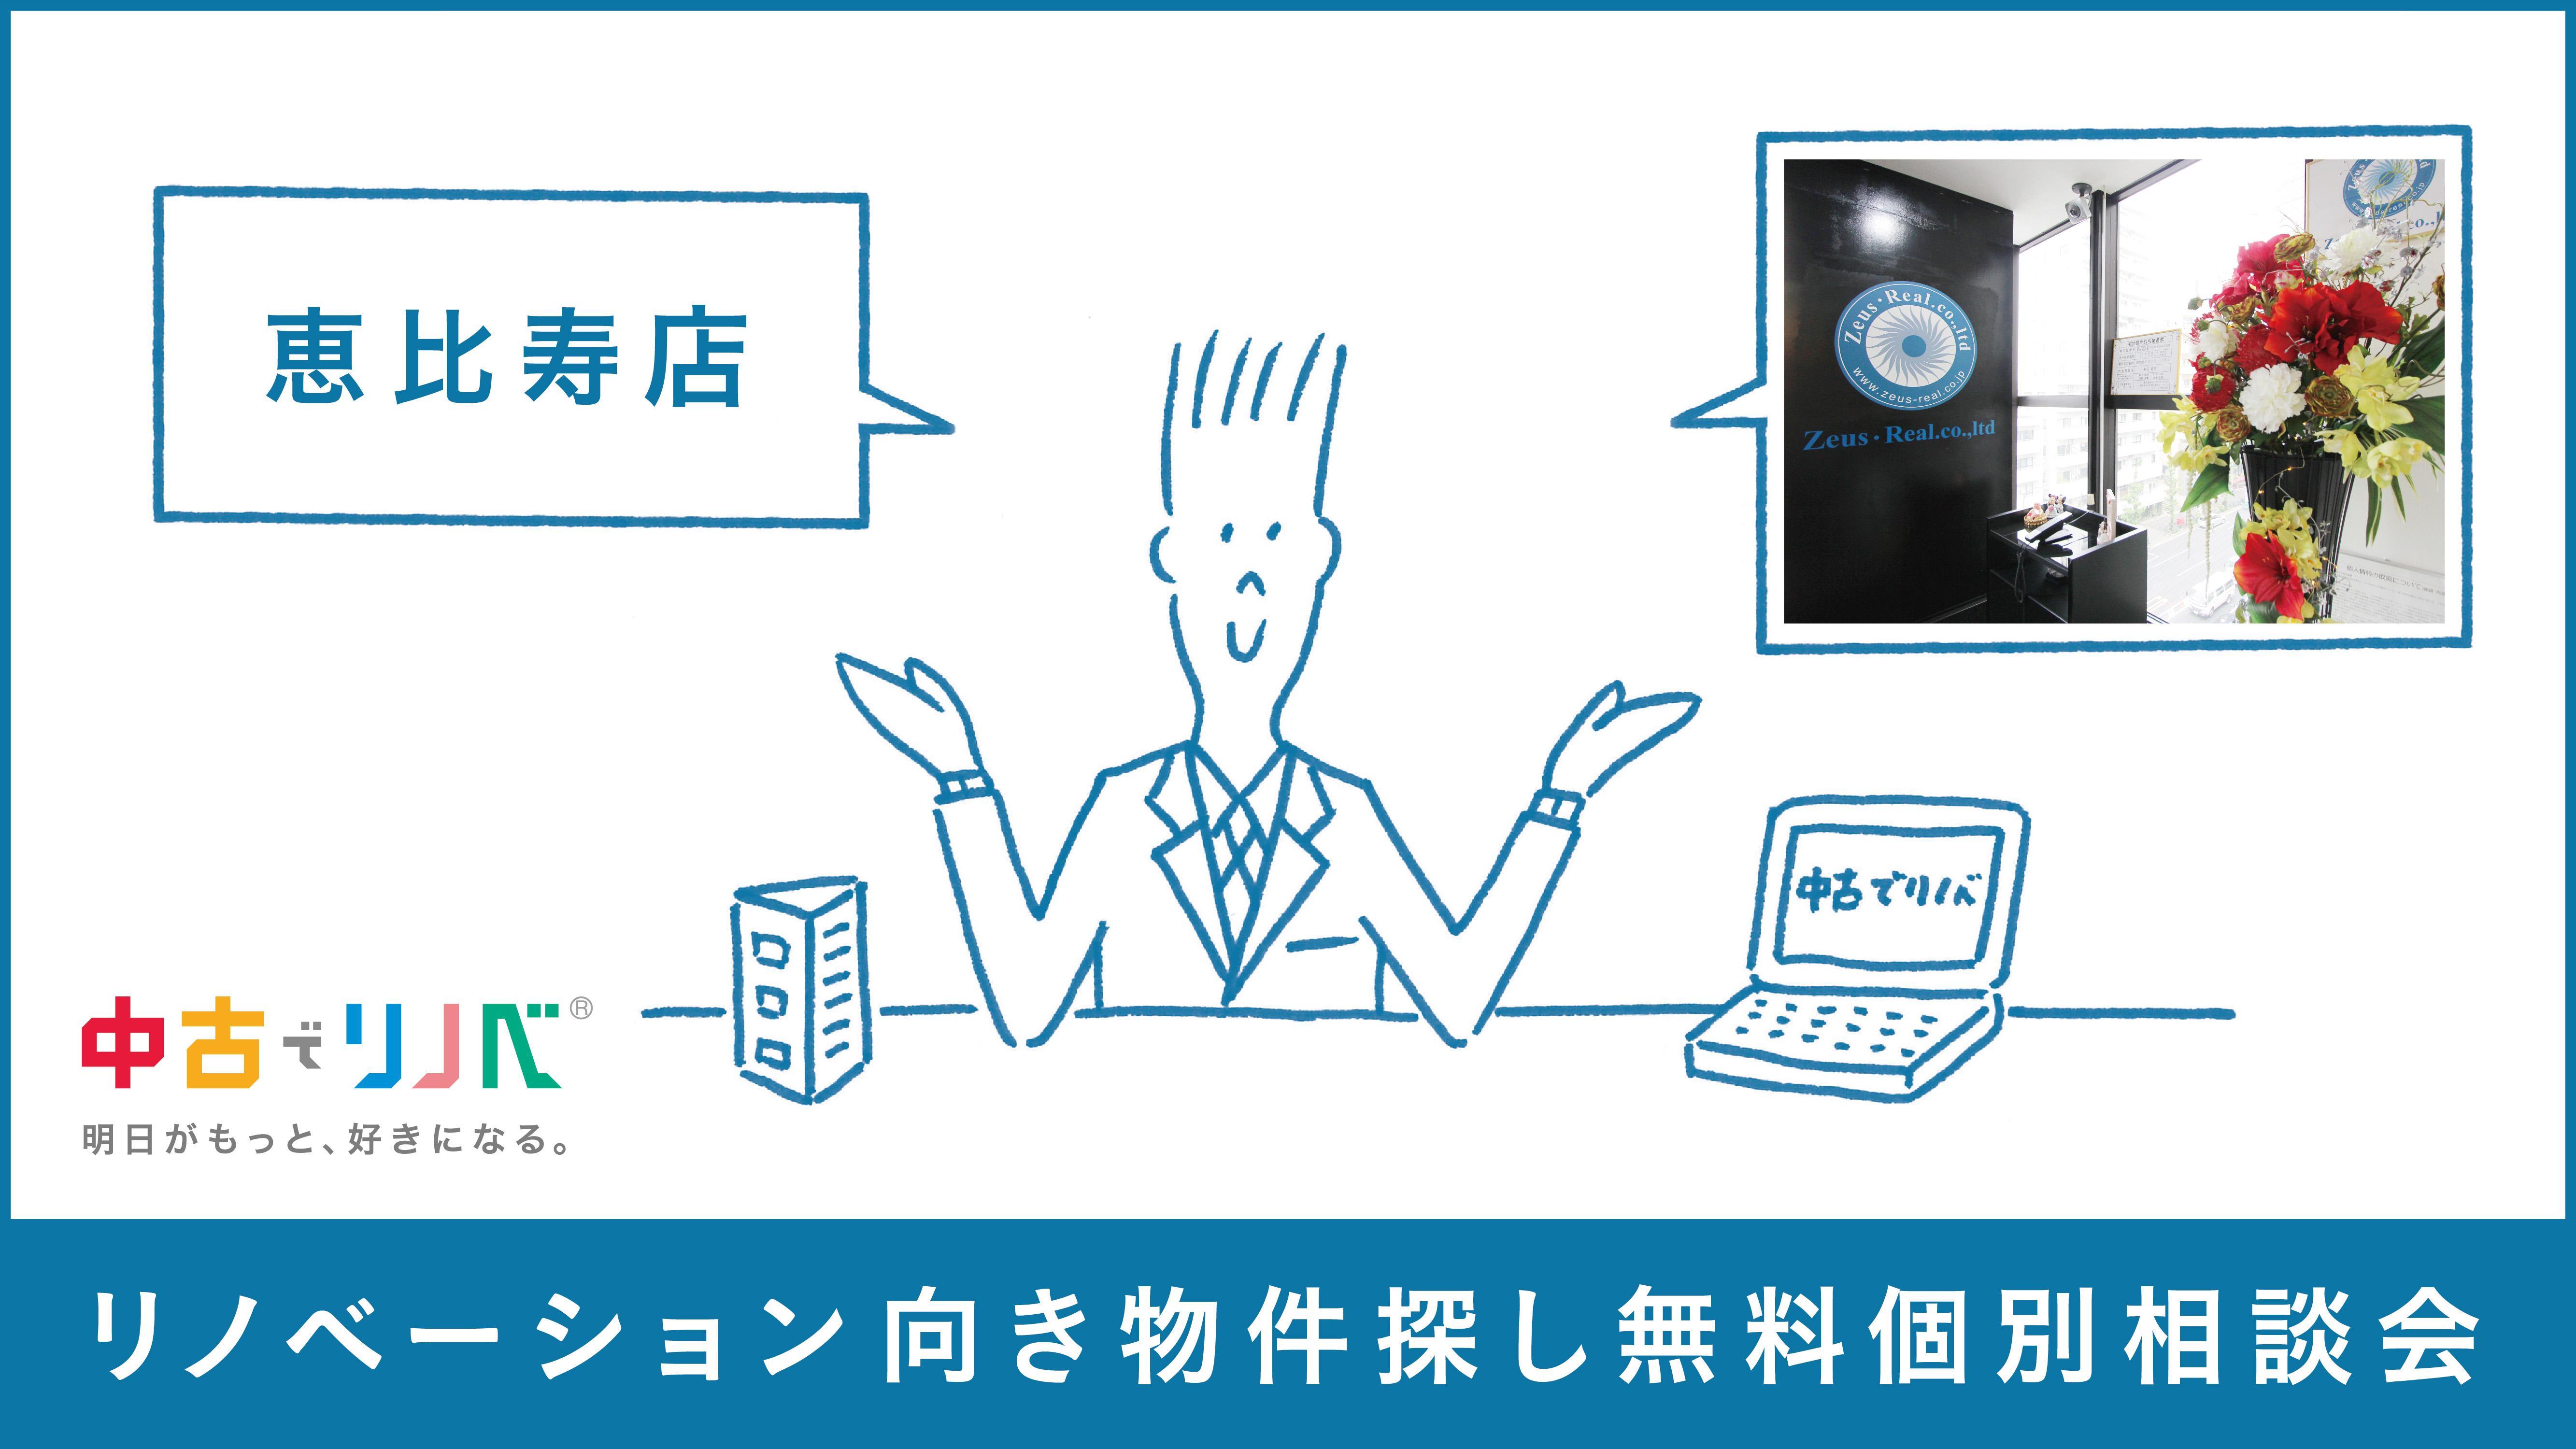 【10/13(土)14(日) in恵比寿】リノベーション向き物件探し無料個別相談会